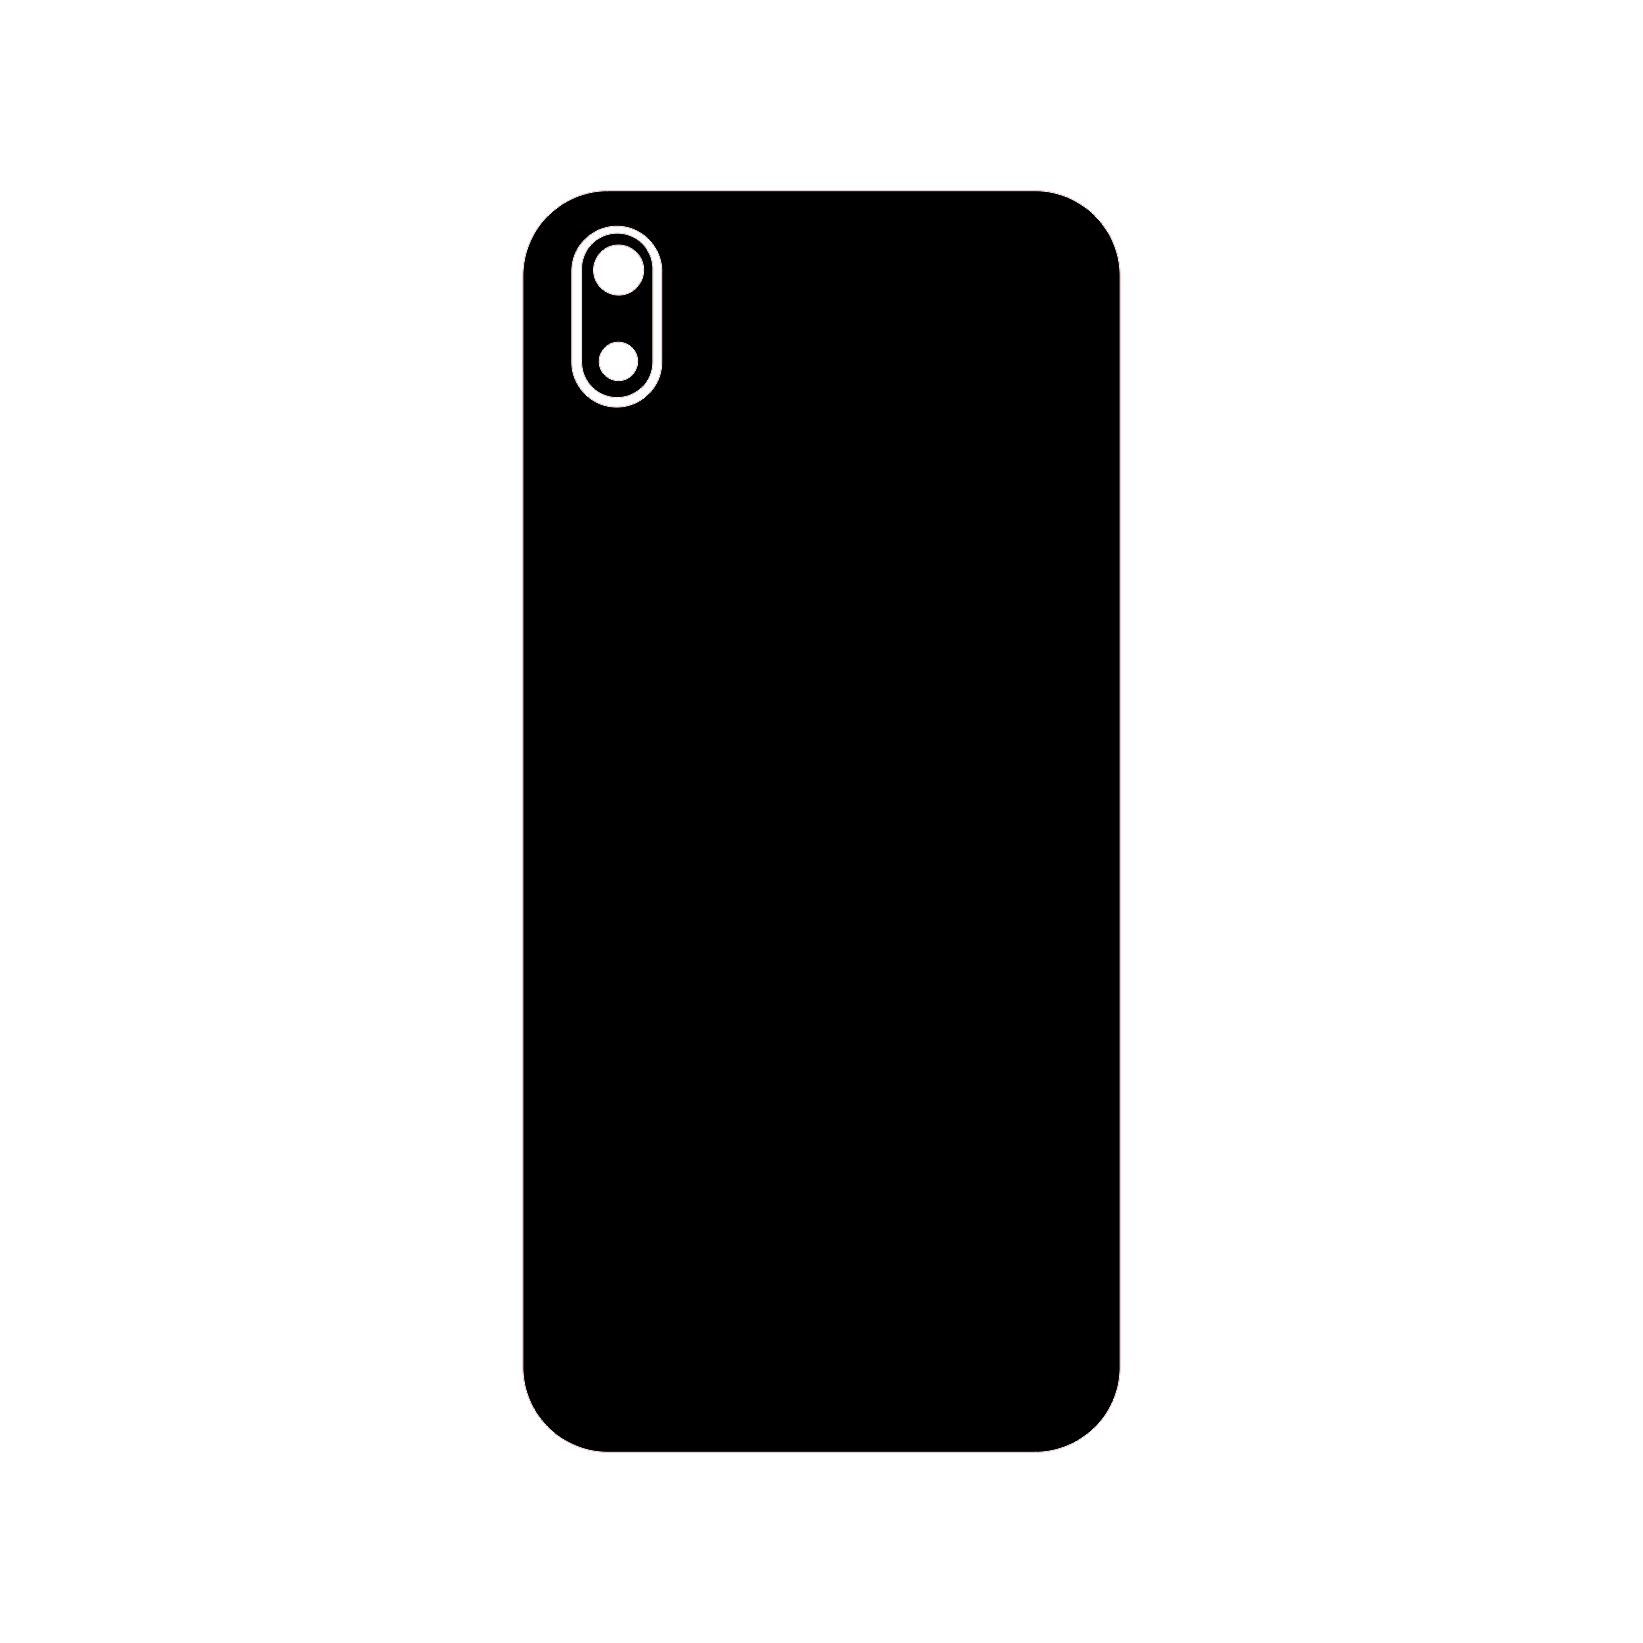 برچسب پوششی مدل 1004 مناسب برای گوشی موبایل هوآوی Y5 2019